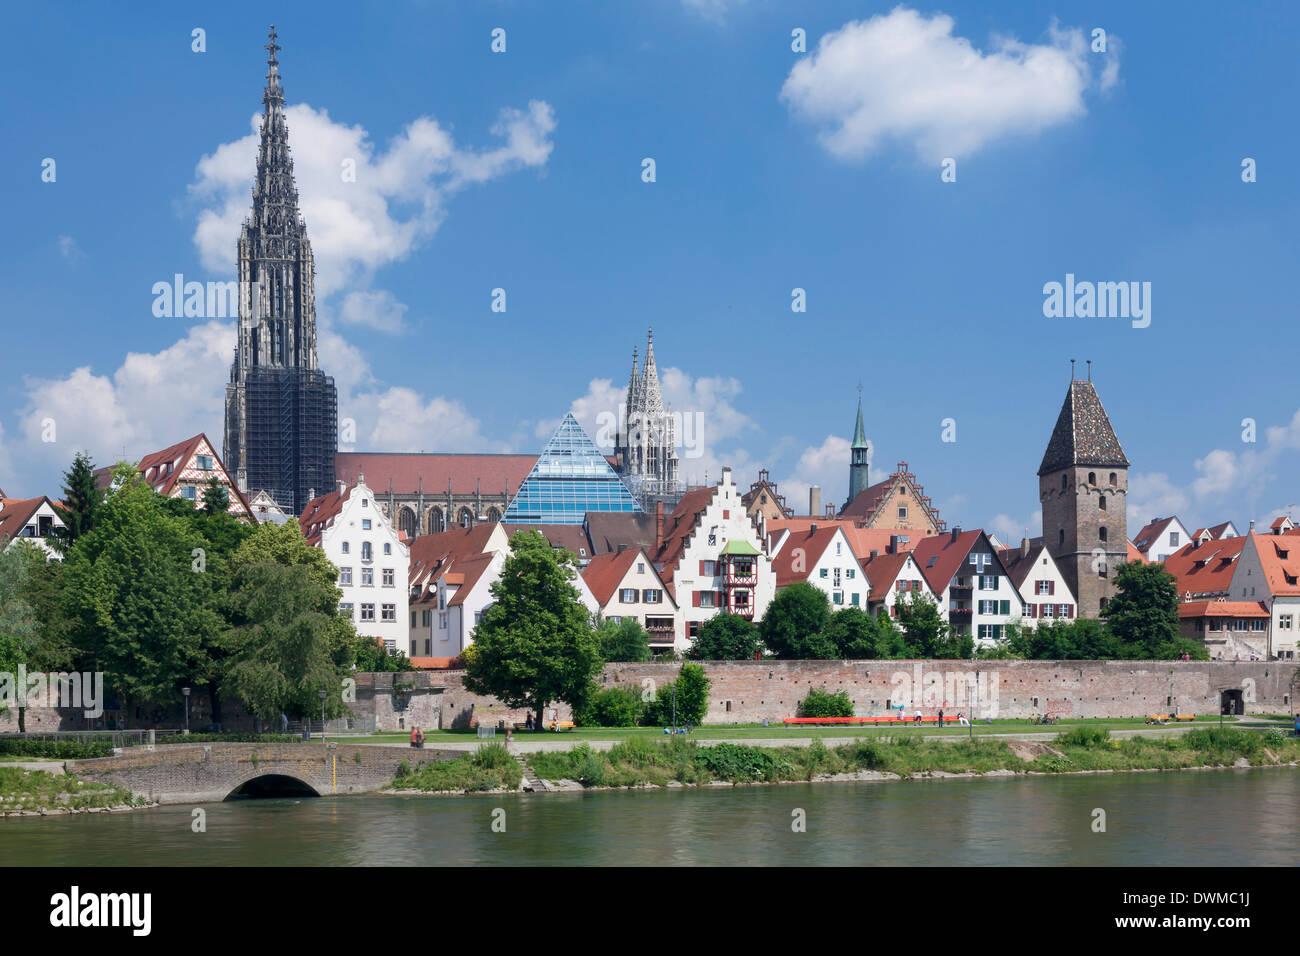 Blick über die Donau an die alte Stadt Ulm mit Münster (Münster), Baden-Württemberg, Deutschland, Europa Stockfoto